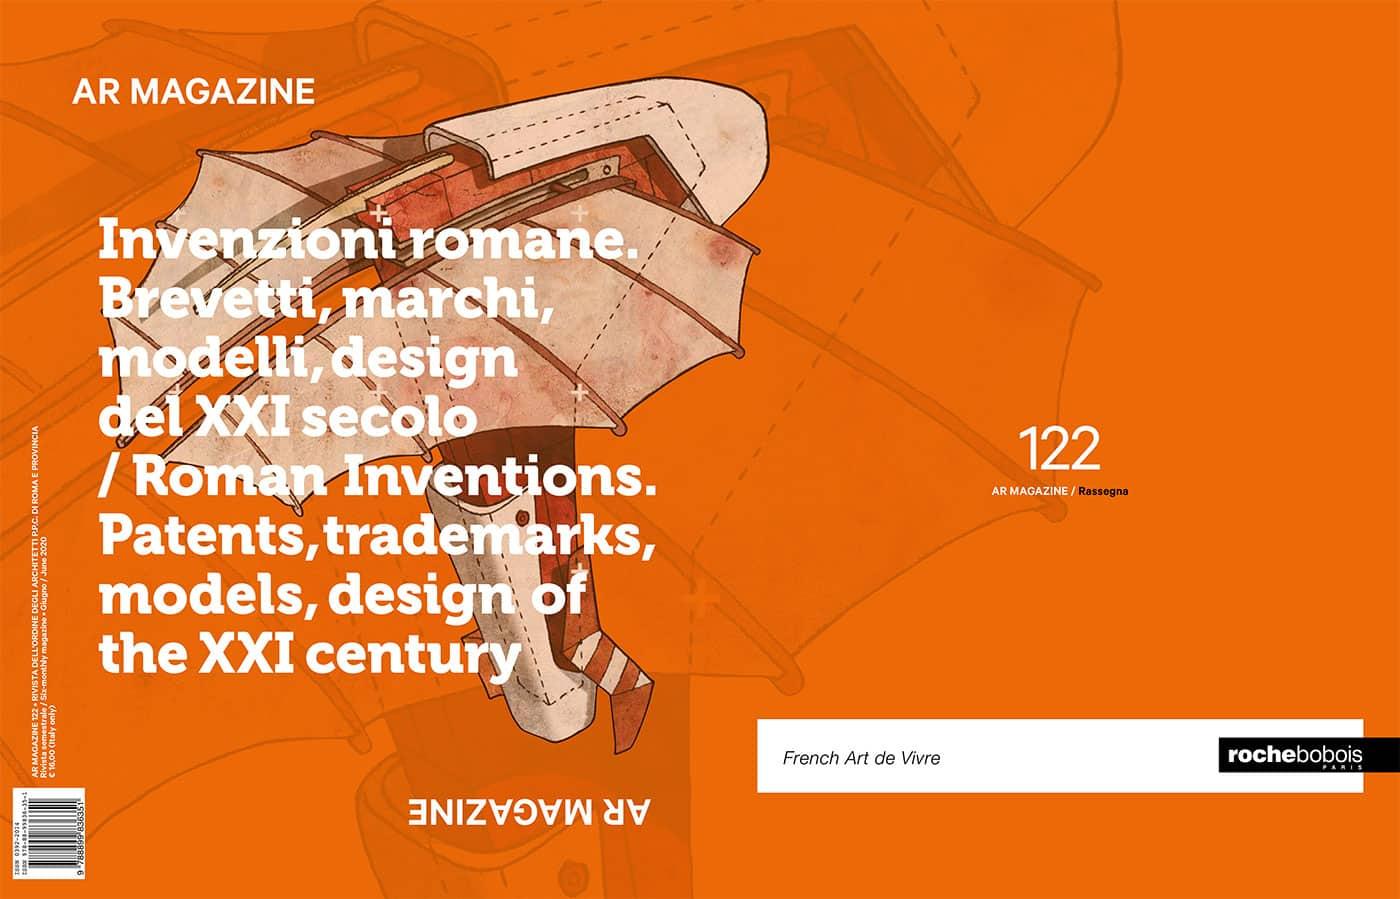 2- Copertina AR Magazine 122 con aletta